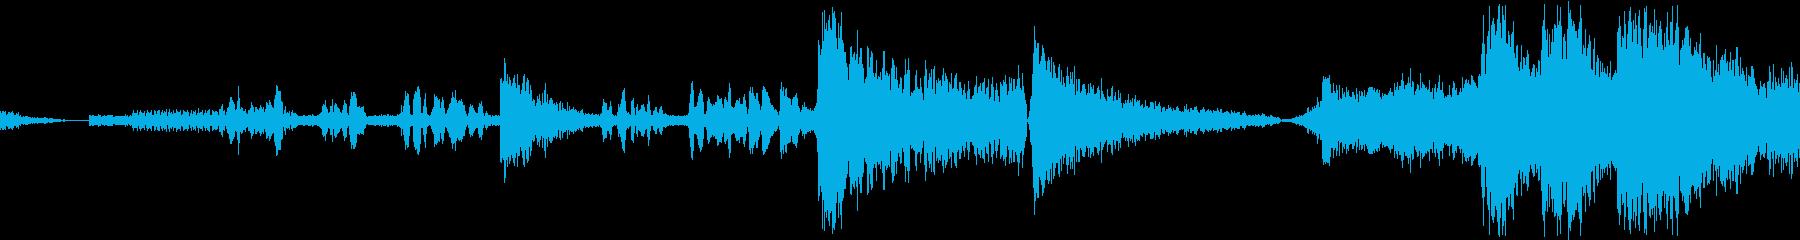 宇宙戦闘デュエル:ボーカルによる敵...の再生済みの波形